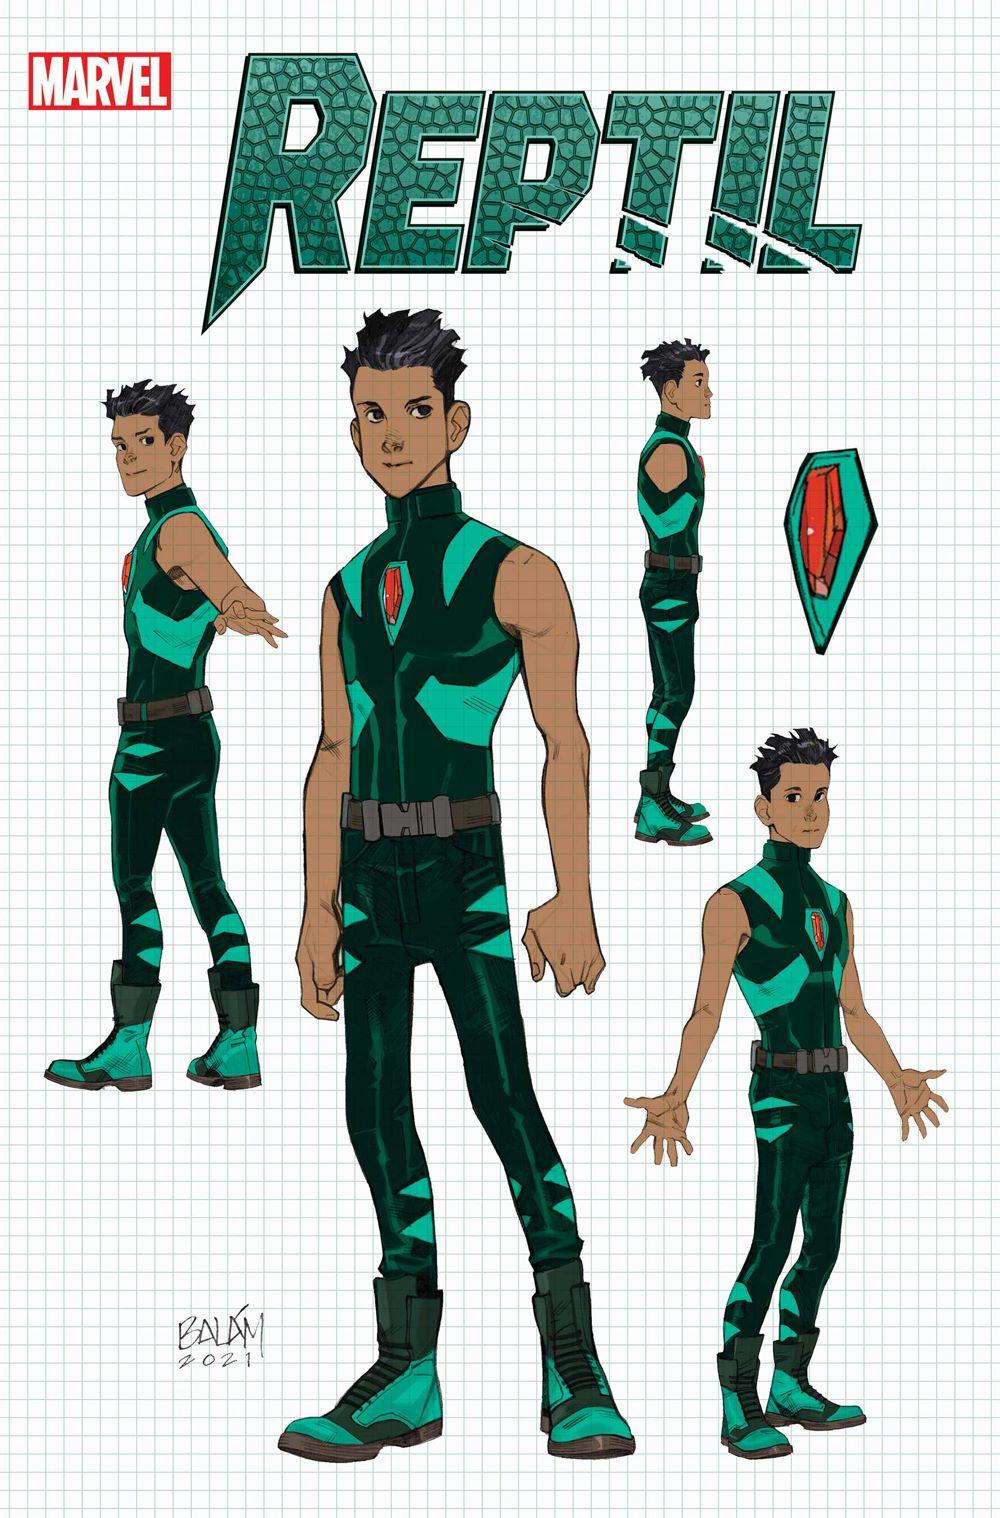 REPTIL2021002_DESIGN_VAR Marvel Comics June 2021 Solicitations